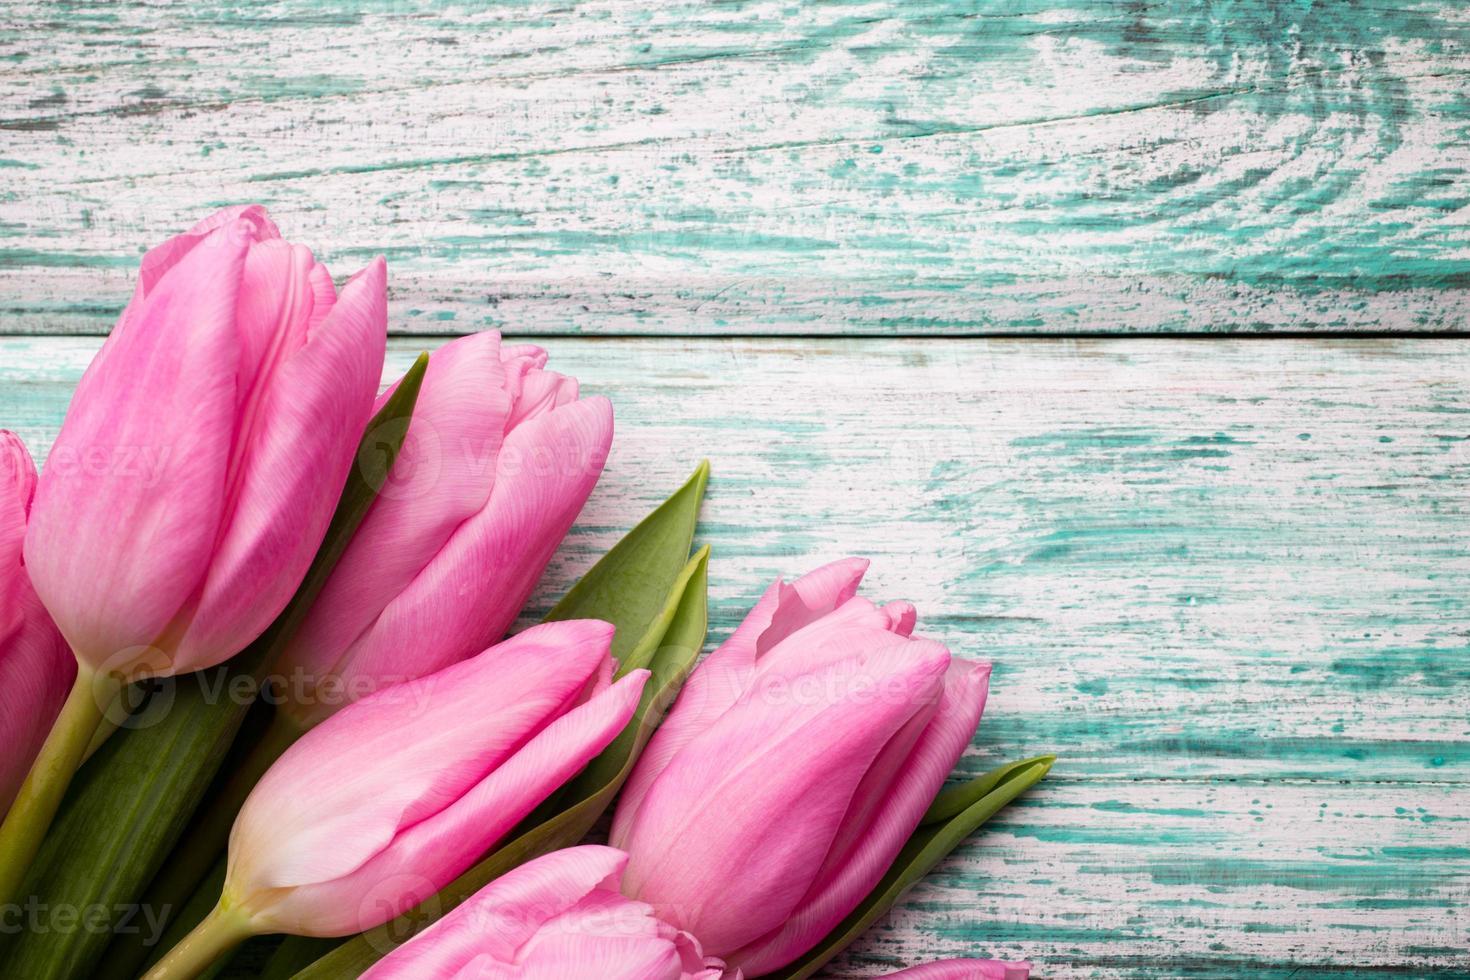 tulipano. foto